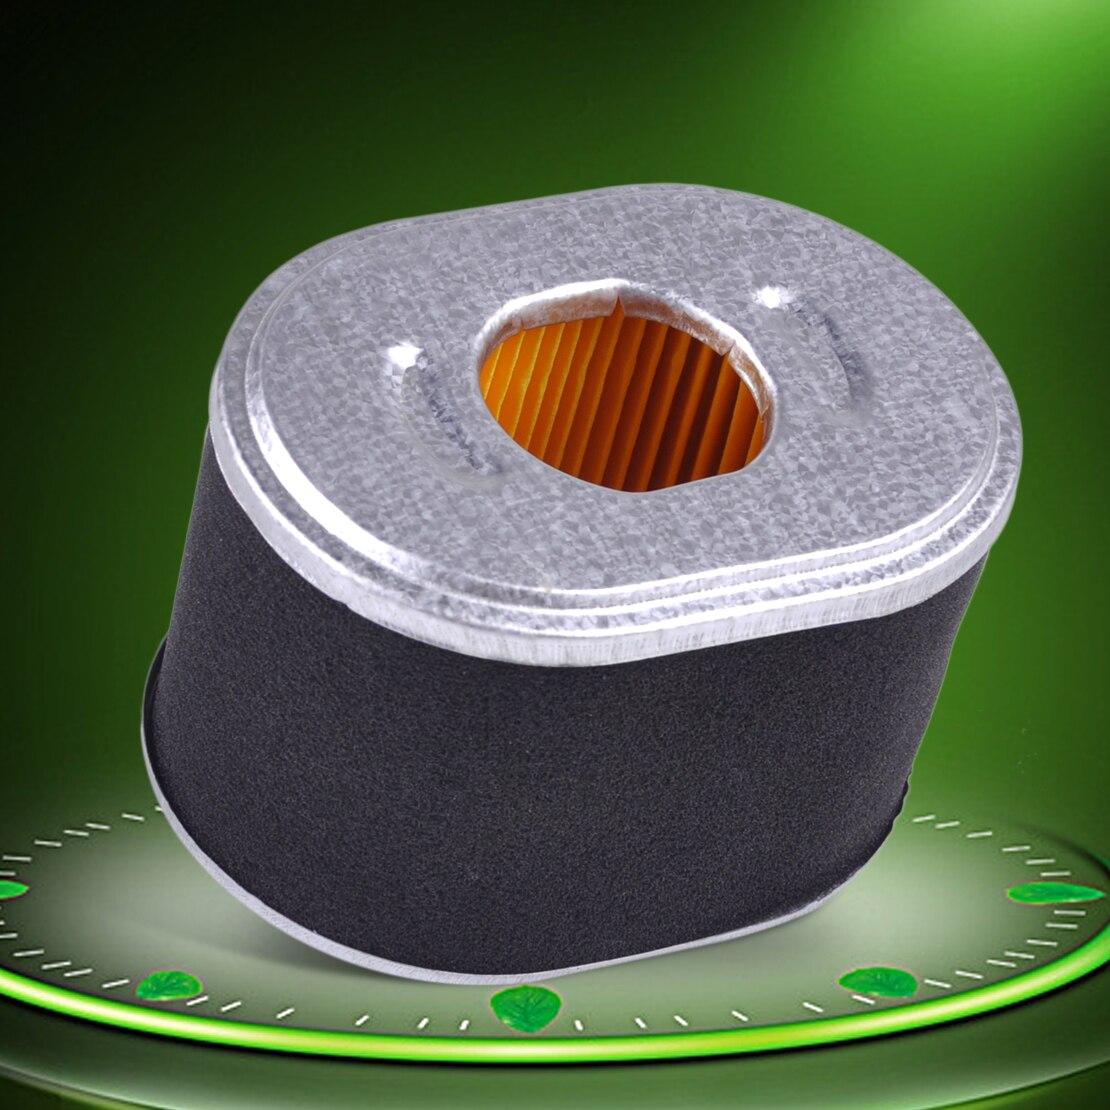 LETAOSK, 25 piezas, filtro de aire de repuesto compatible con Honda GX160, 5,5 HP, GX200, 6,5 HP, cortadora de césped, 17210-ZE1-822